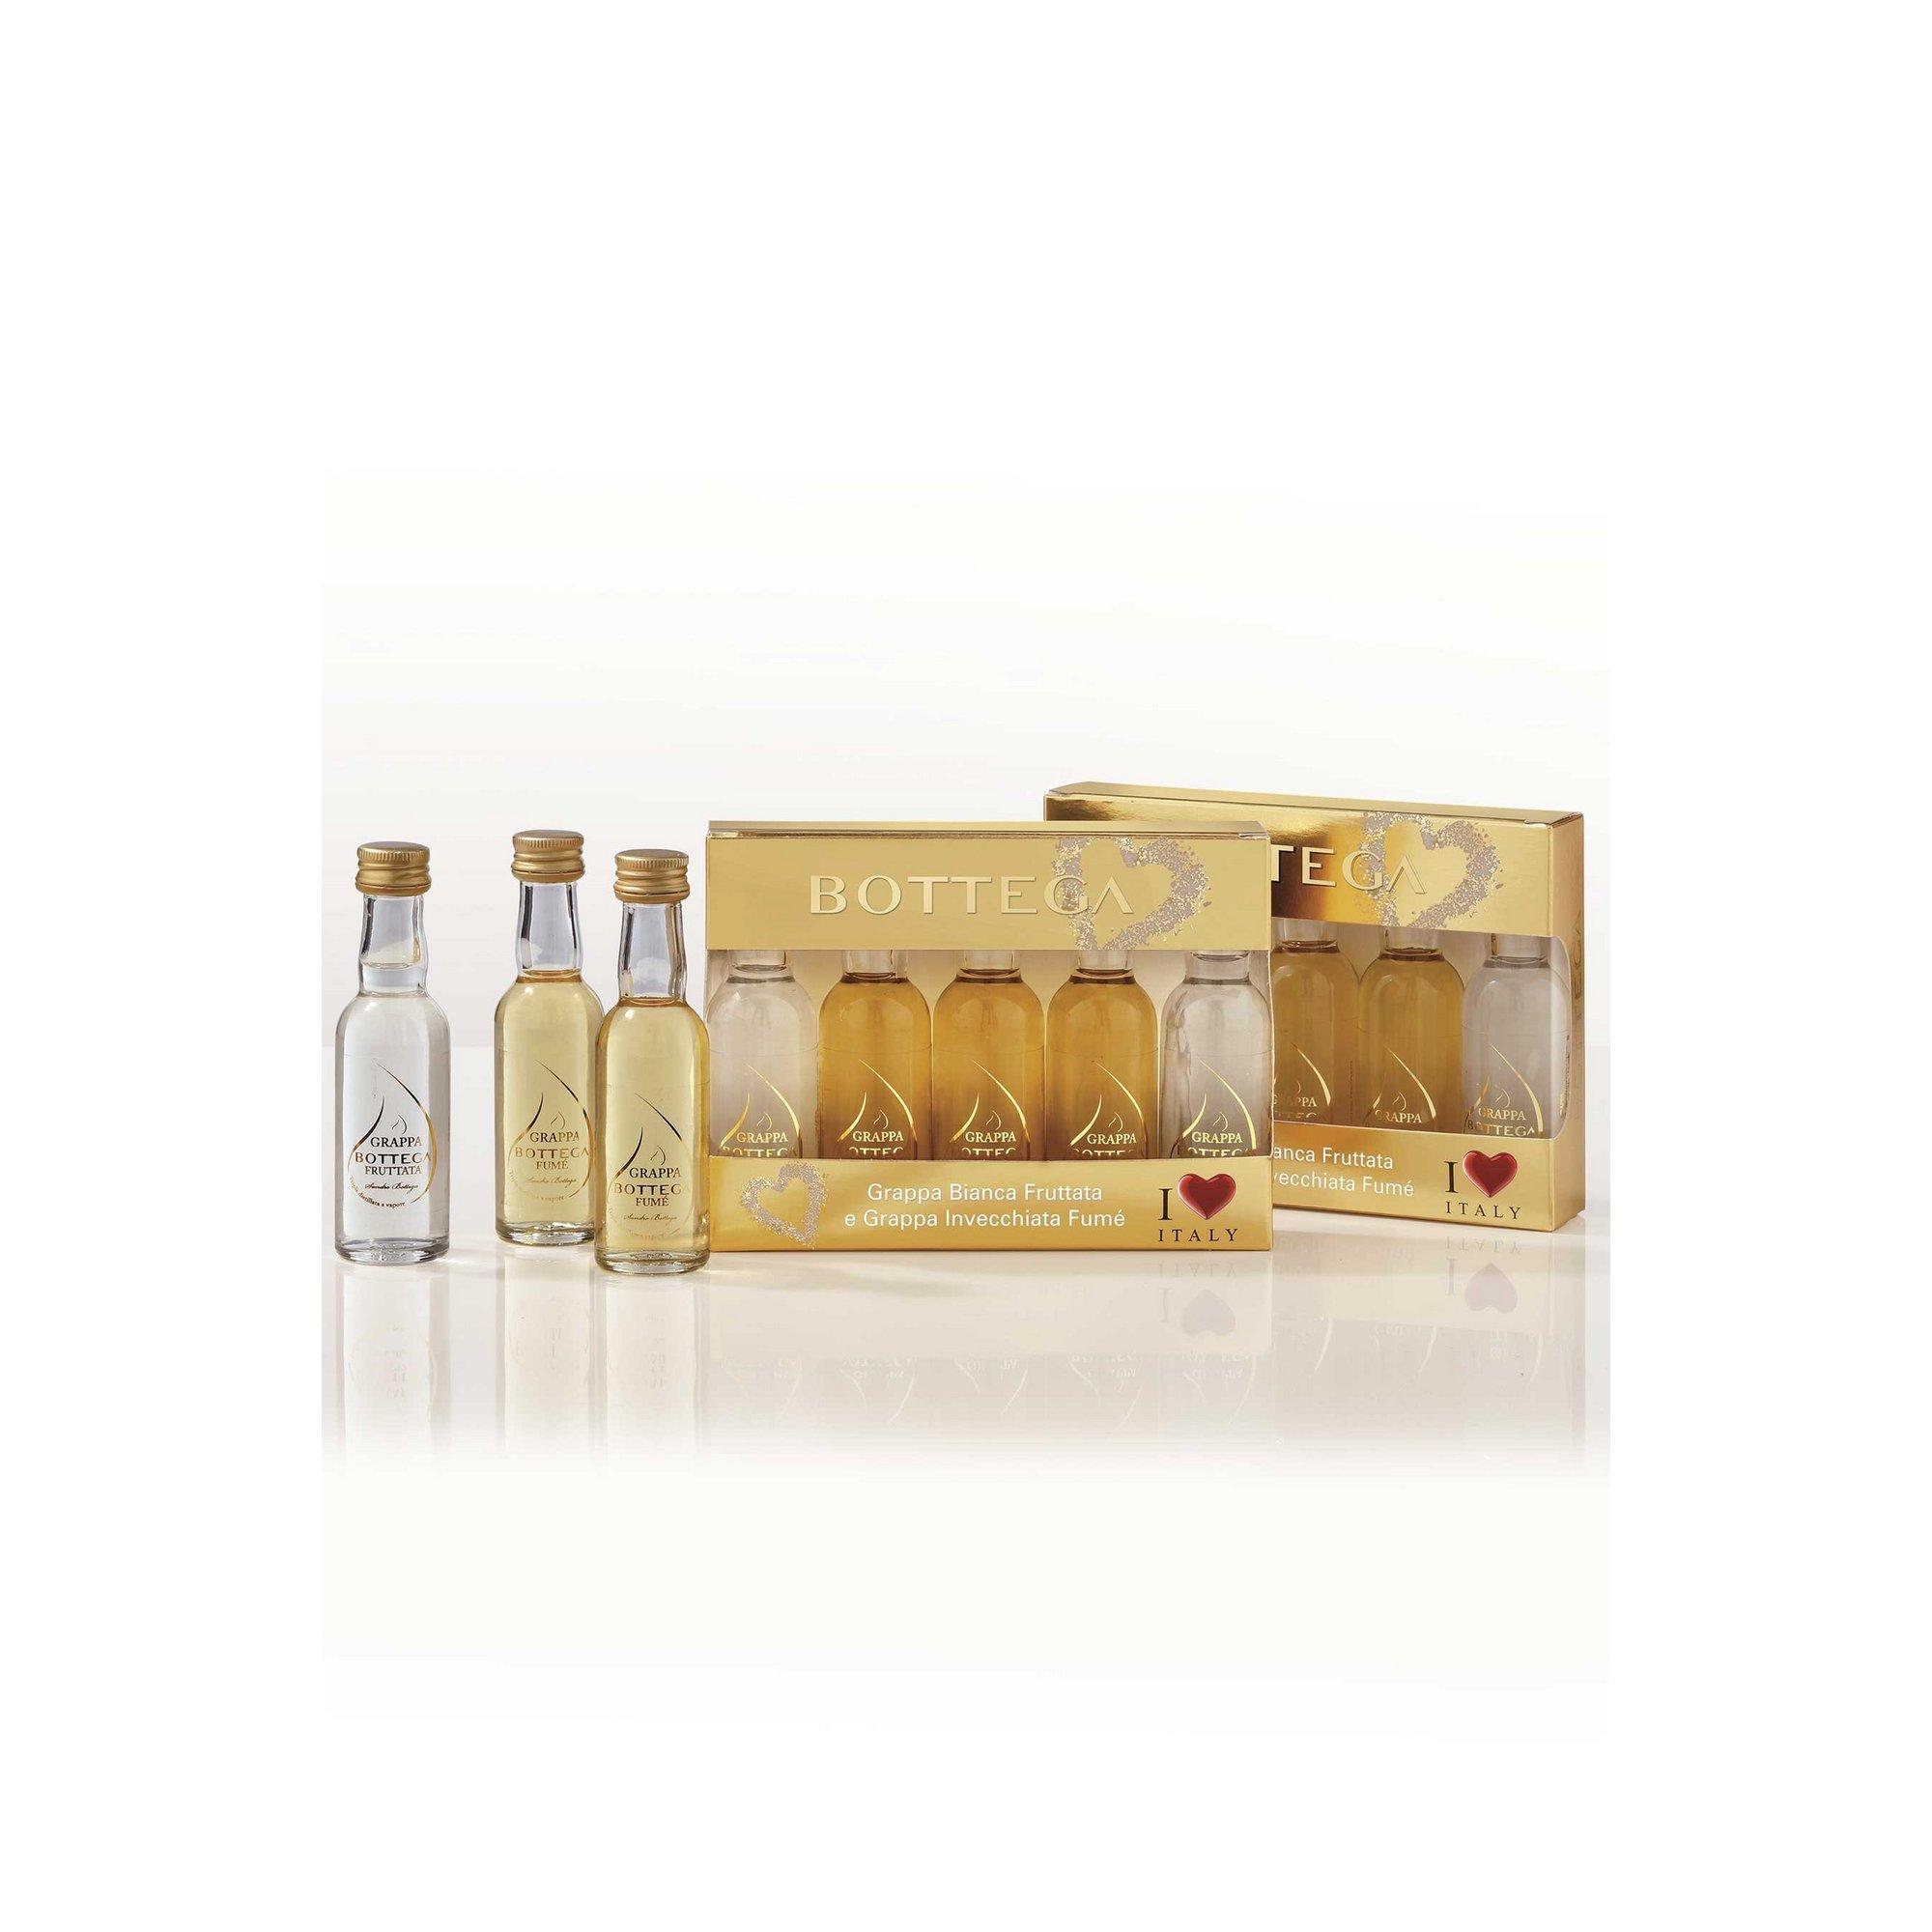 Image of Bottega Grappa Prosecco Miniature Gift Set